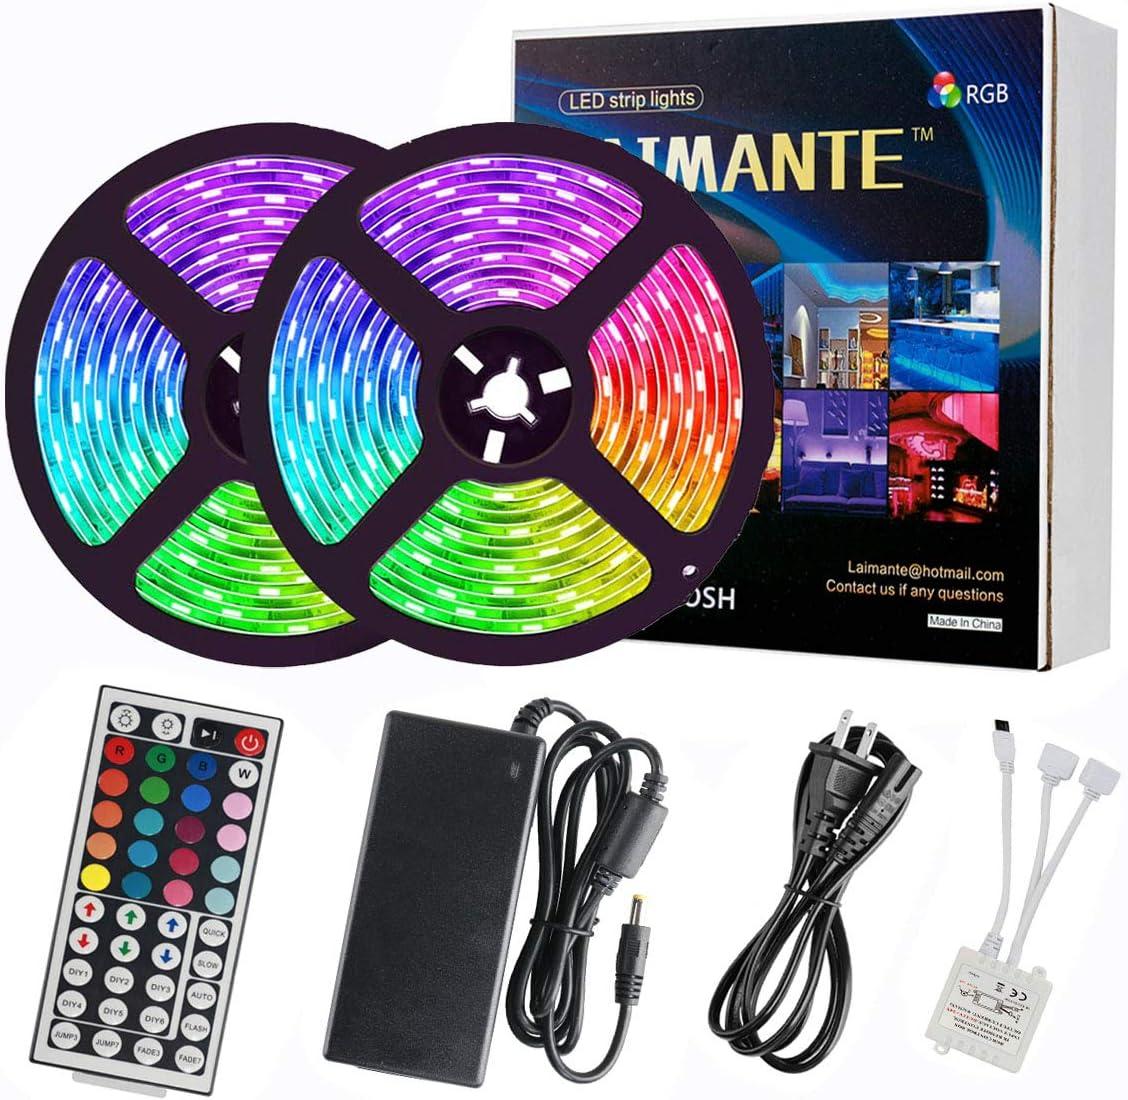 DC 12V 5M SMD 5050 White Non Waterproof 300 LED Flexible 3M Tape Strip Light TV